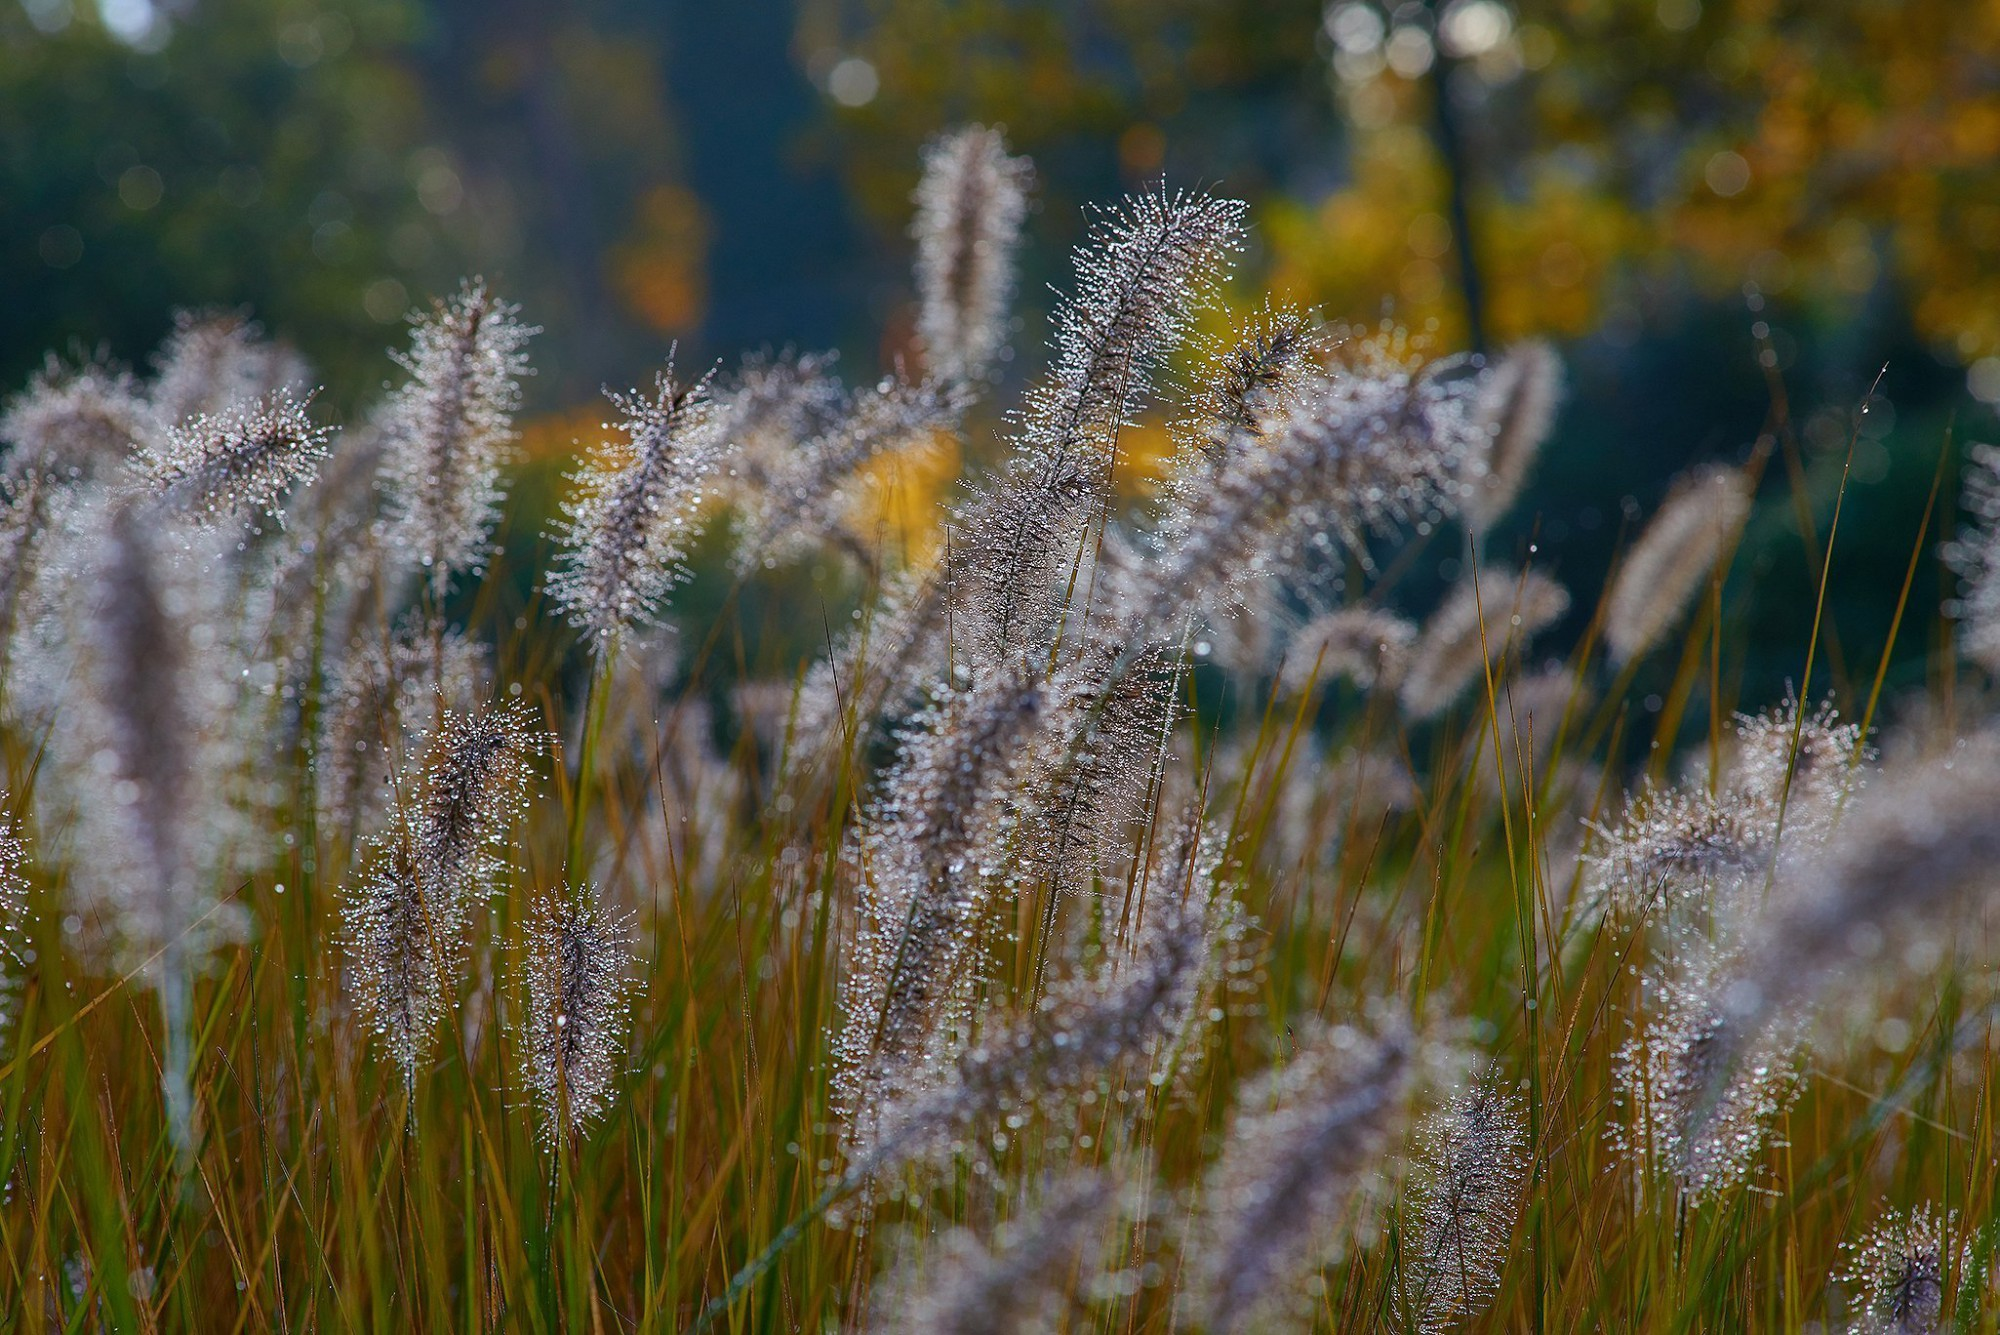 Afbeelding: Fotografie tuinarchitectuur, fotografie bloemen en planten, bomen en struiken. Bloeiende grassen in het herfstlicht.